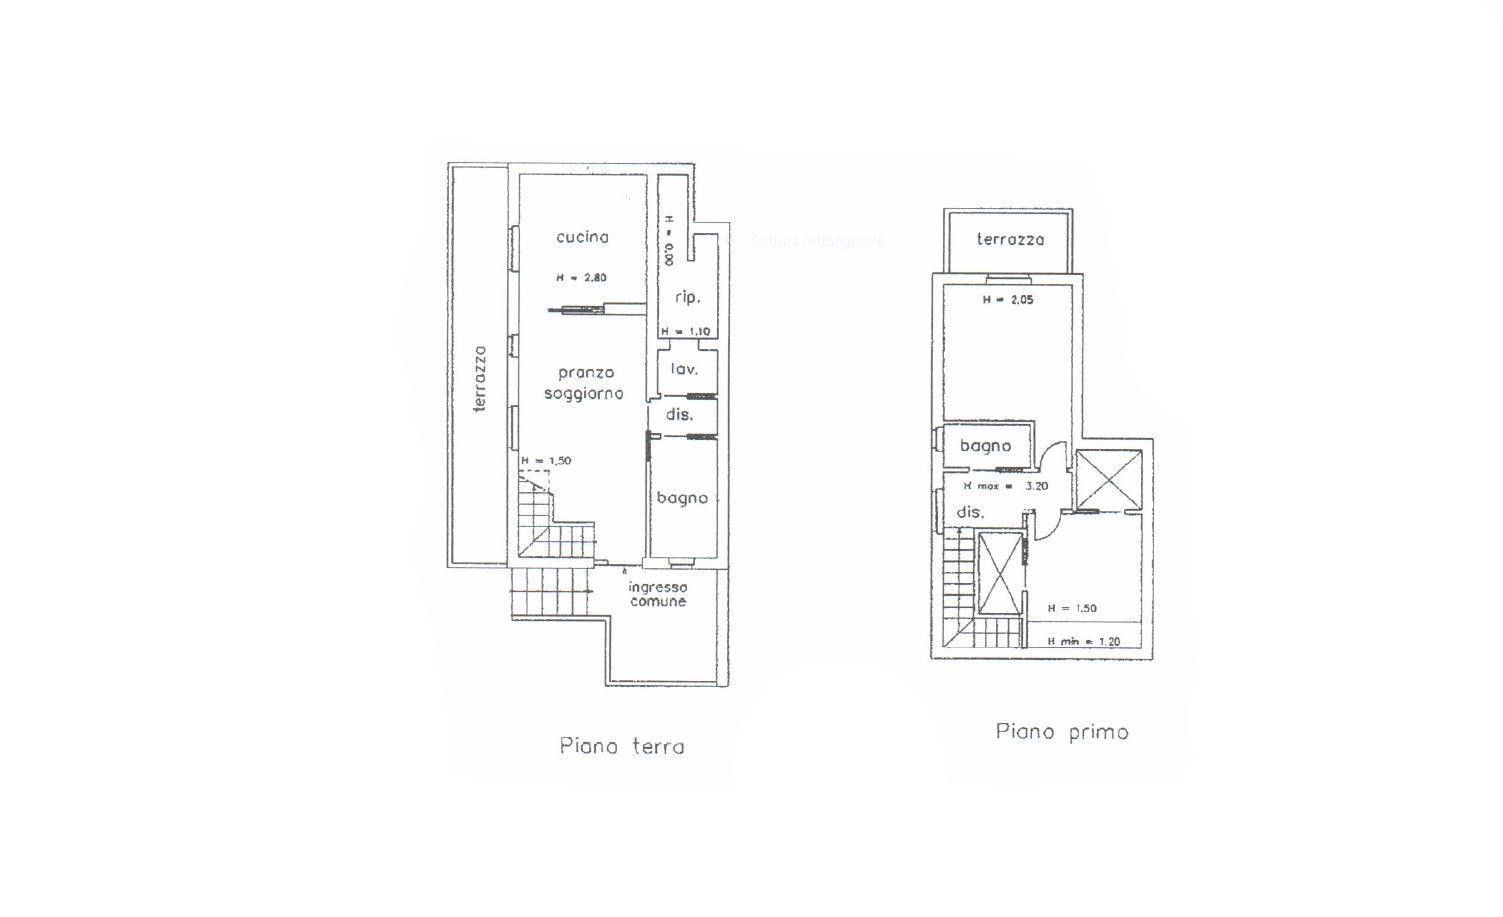 Appartamento in vendita, rif. R/625 (Planimetria 1/1)